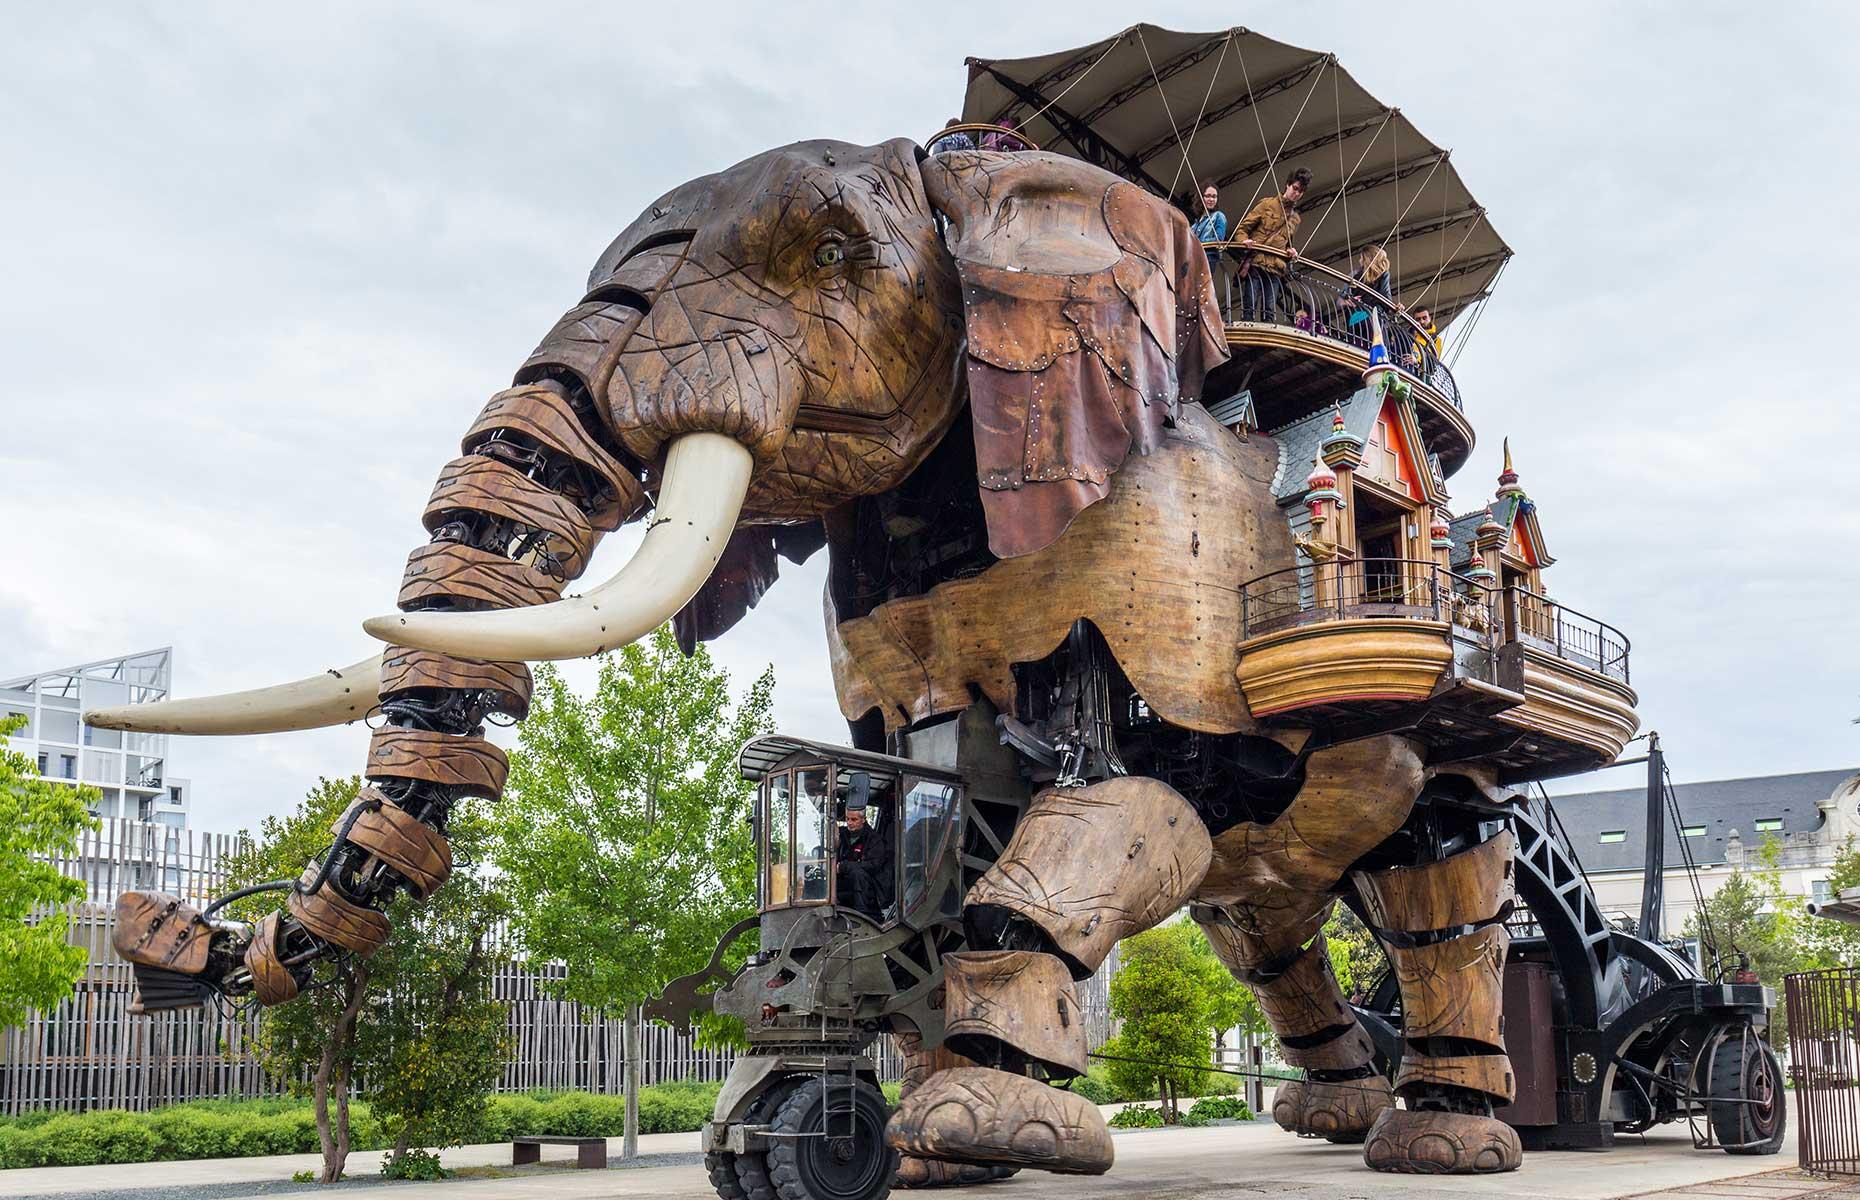 Mechanical elephant at Les Machines de l'Île (Image: DaLiu/Shutterstock)